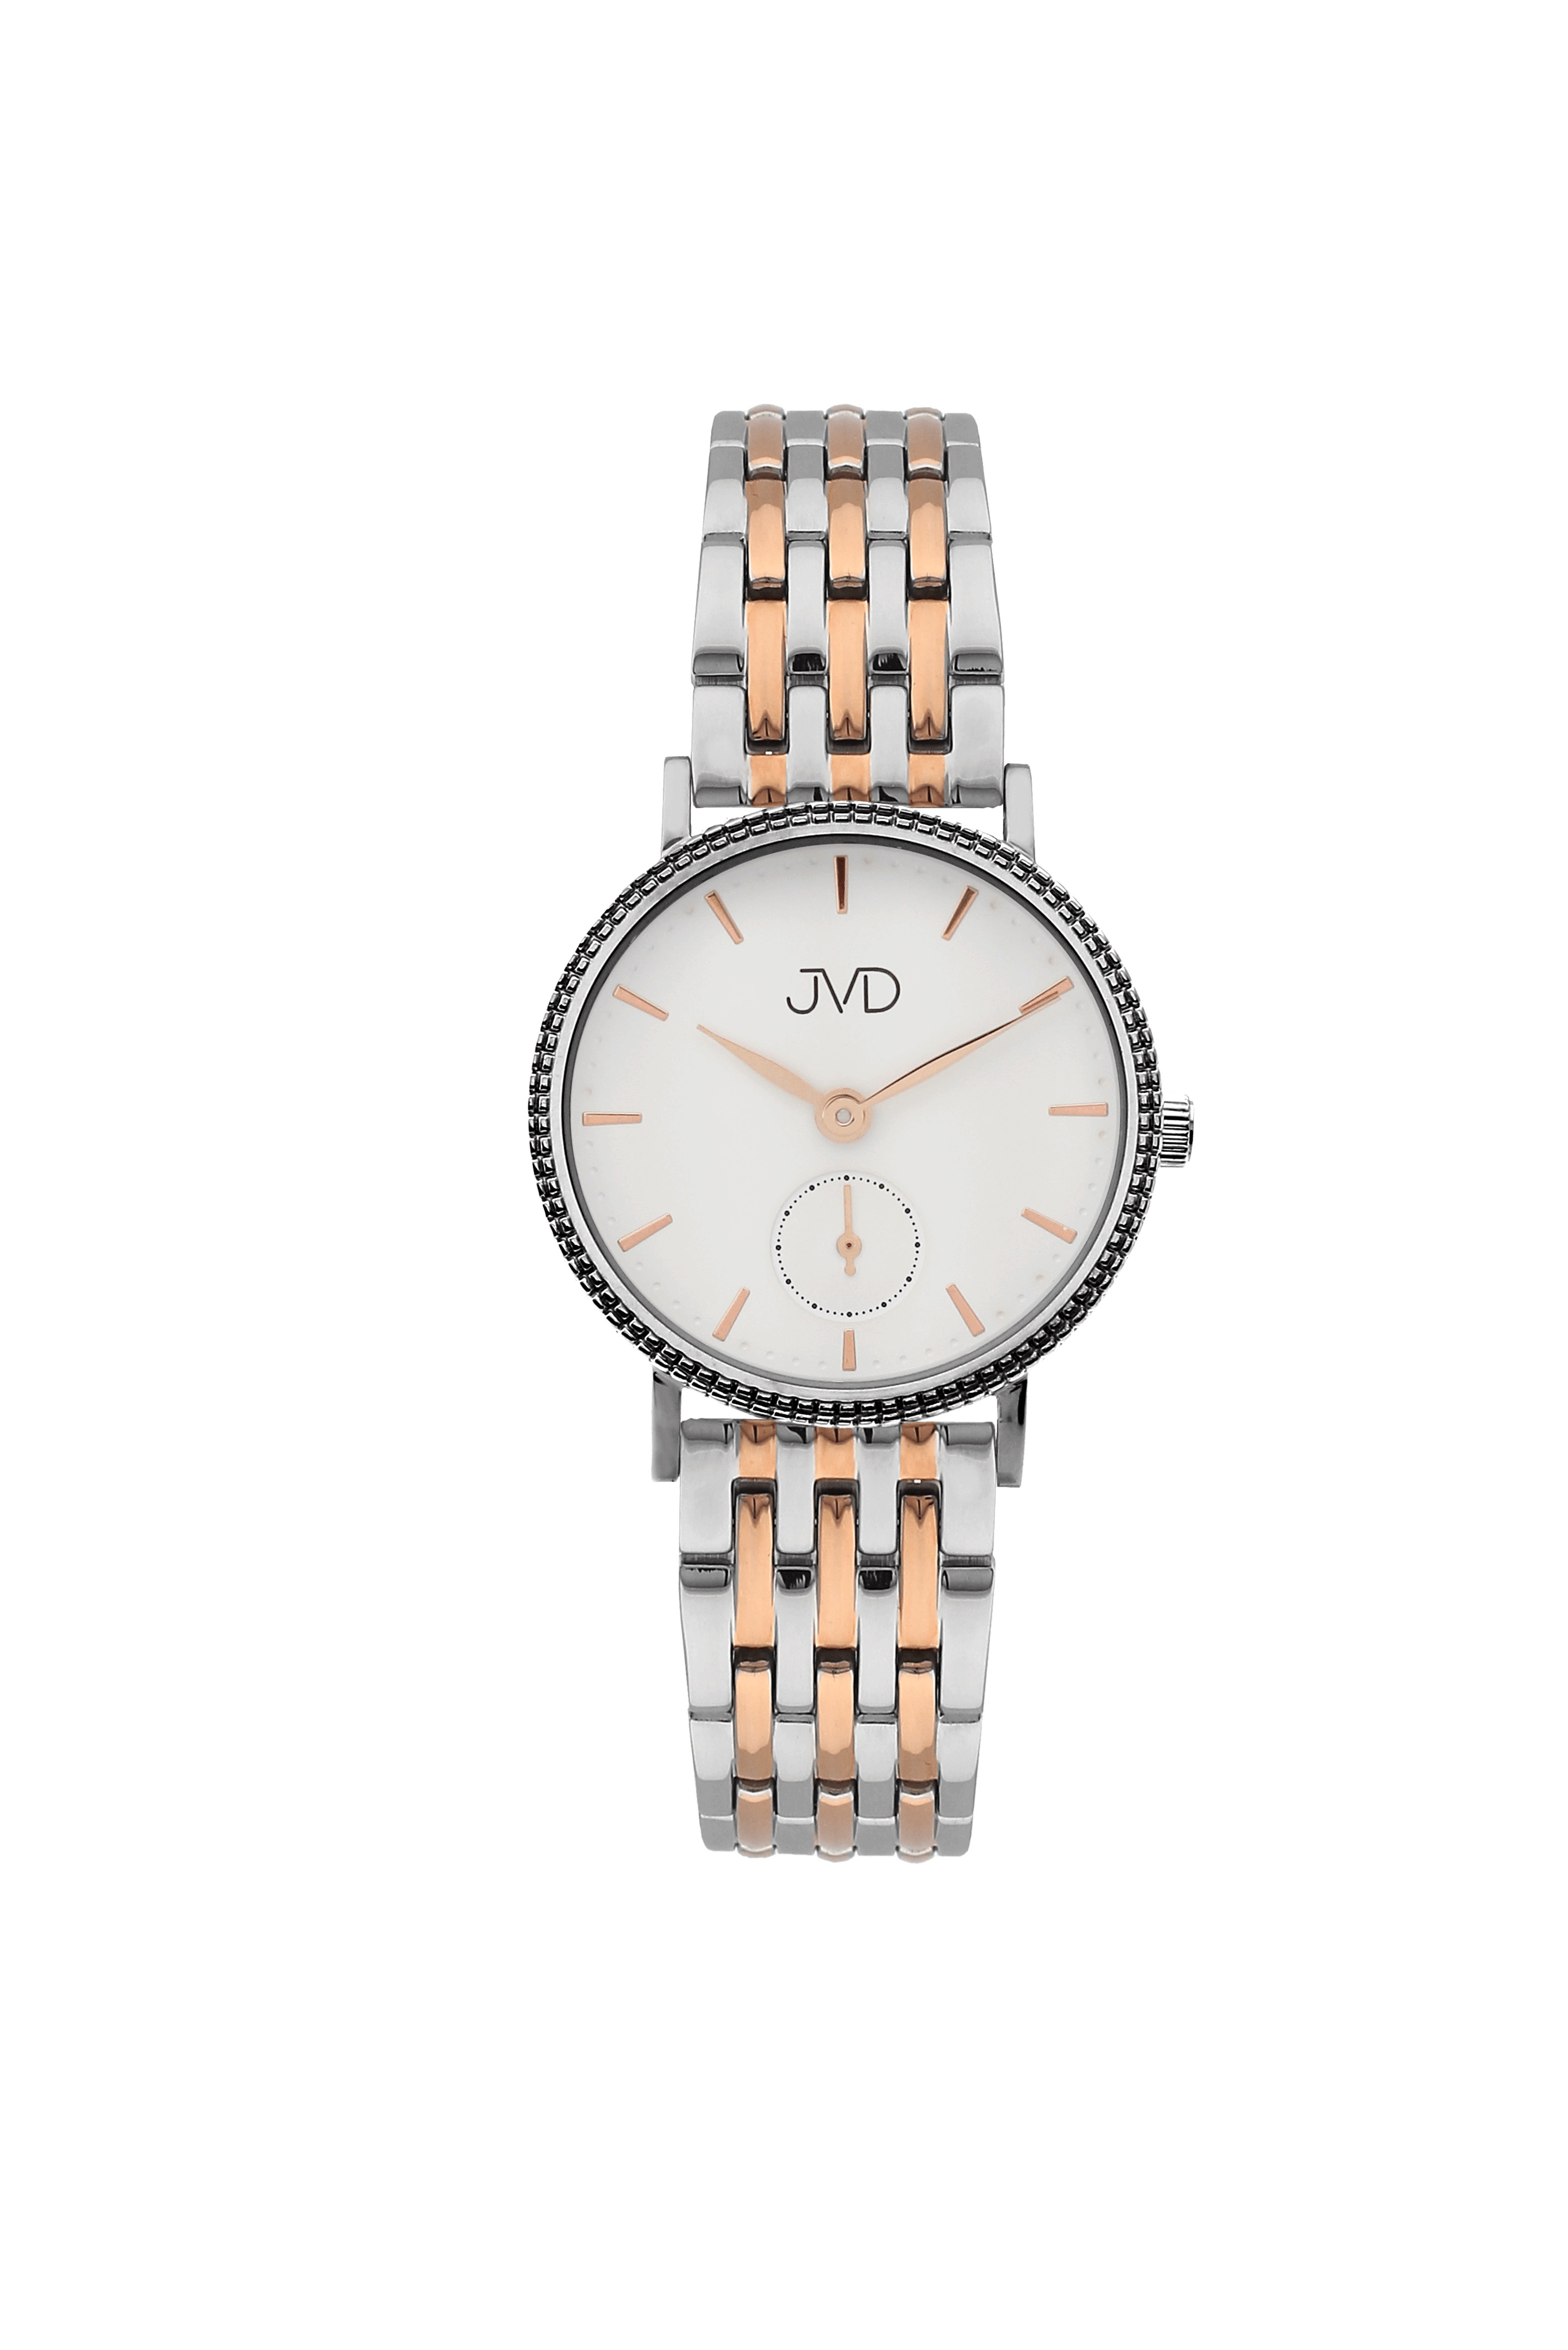 Dámské společenské náramkové hodinky JVD J4162.3 (POŠTOVNÉ ZDARMA!!)